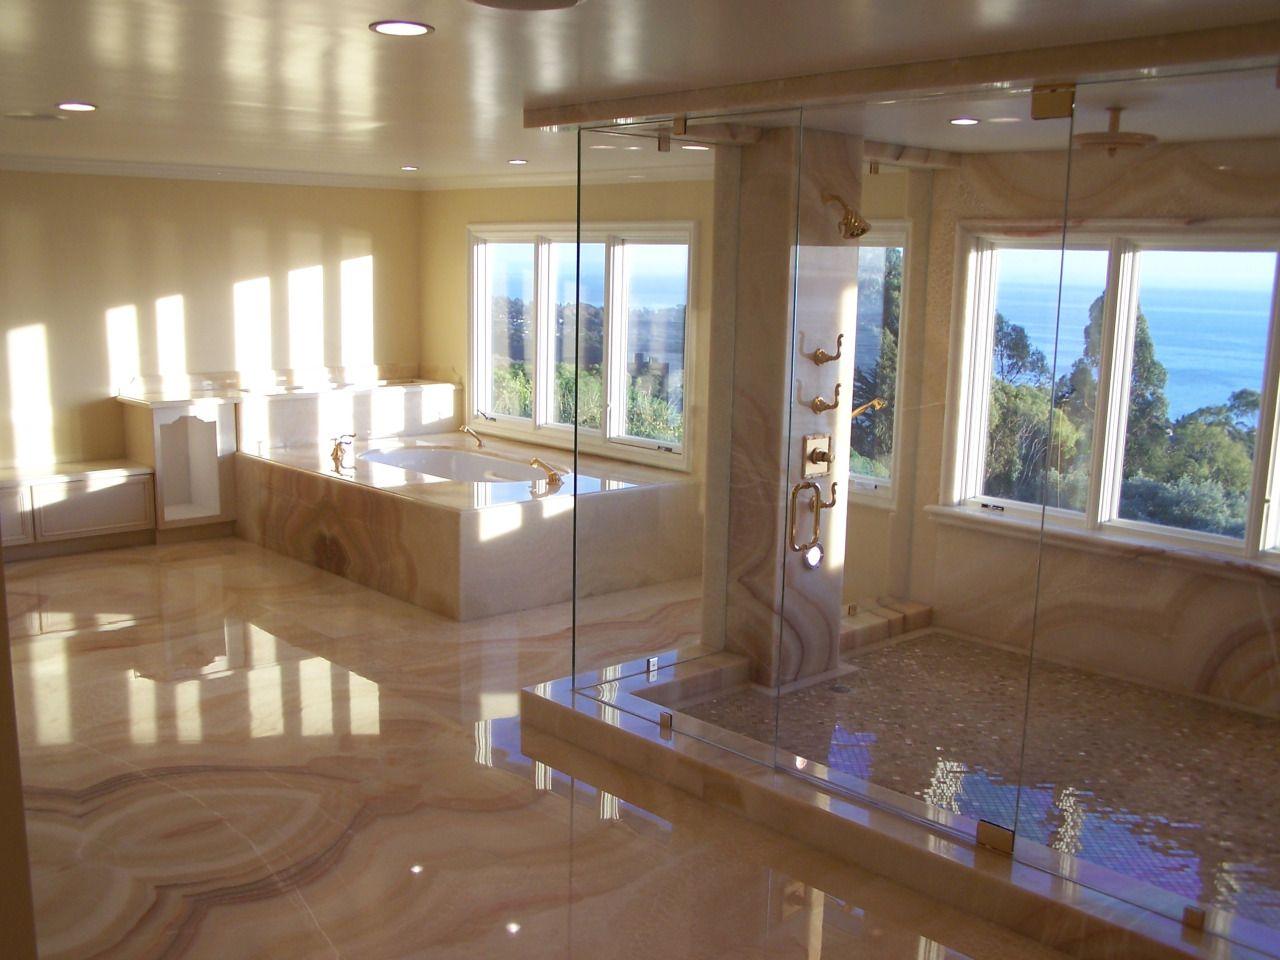 Pin Von Mossika O Auf Home Design | Pinterest | Nachrichten ... Luxus Badezimmer Marmor